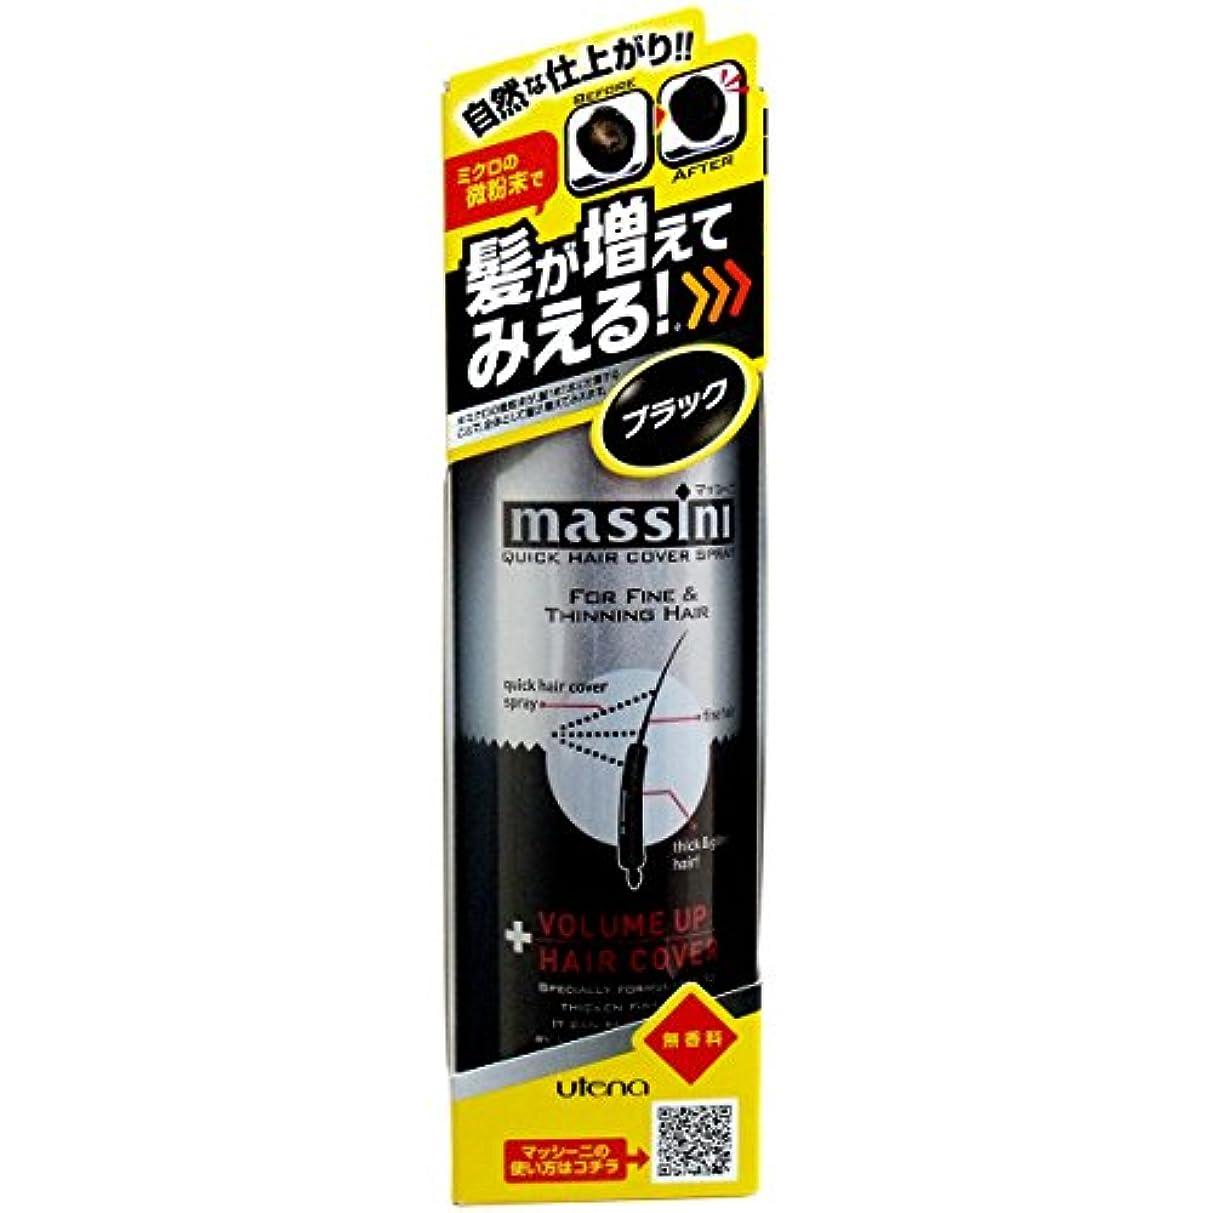 スリップ小包のど【ウテナ】マッシーニ クィックヘアカバースプレー(ブラック) 140g ×5個セット